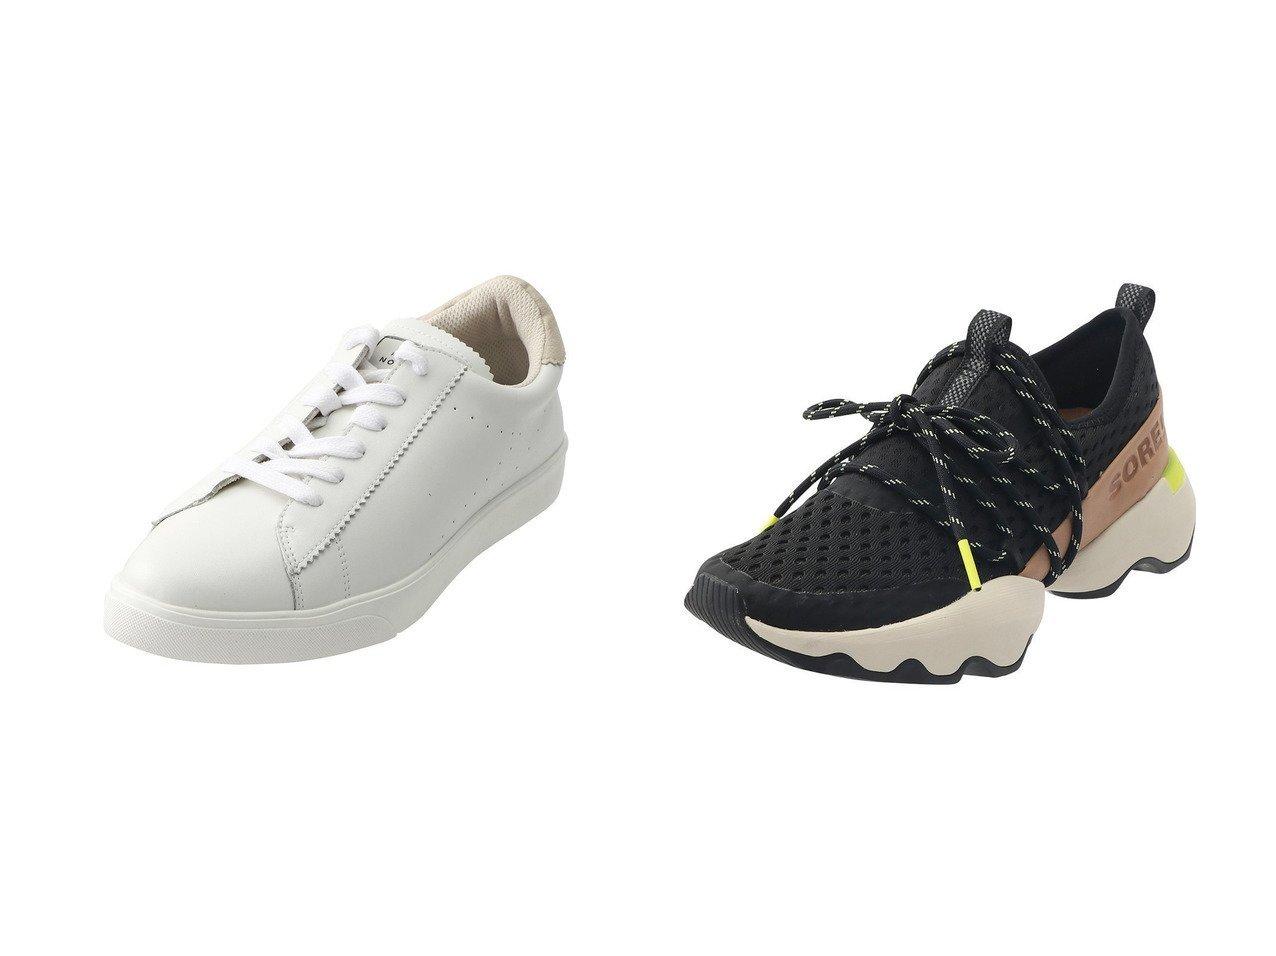 【Esmeralda/エスメラルダ】の【MIO NOTIS】レースアップスニーカー&【SOREL/ソレル】のキネティックインパクトレースメッシュ/スニーカー 【シューズ・靴】おすすめ!人気、トレンド・レディースファッションの通販 おすすめで人気の流行・トレンド、ファッションの通販商品 メンズファッション・キッズファッション・インテリア・家具・レディースファッション・服の通販 founy(ファニー) https://founy.com/ ファッション Fashion レディースファッション WOMEN 2021年 2021 2021春夏・S/S SS/Spring/Summer/2021 S/S・春夏 SS・Spring/Summer スニーカー トレンド ベーシック 春 Spring  ID:crp329100000028380